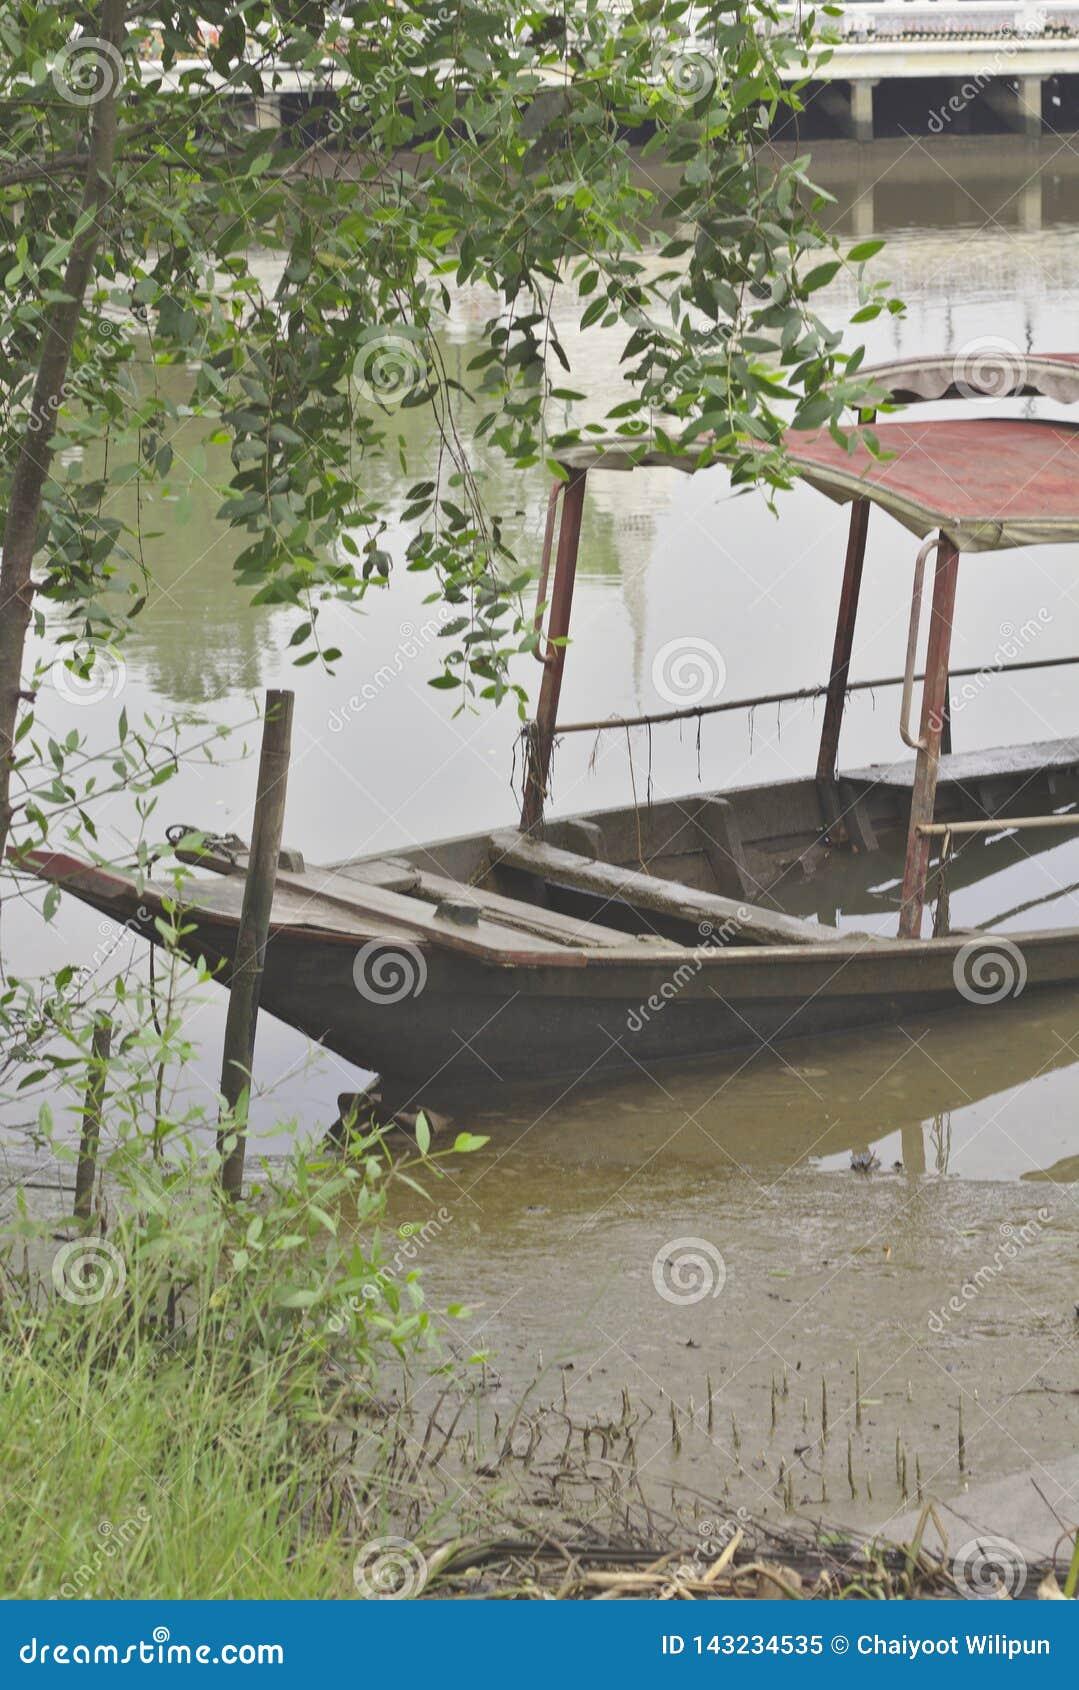 Un barco de madera con un tejado hundido en el lado del carril del río debajo del árbol